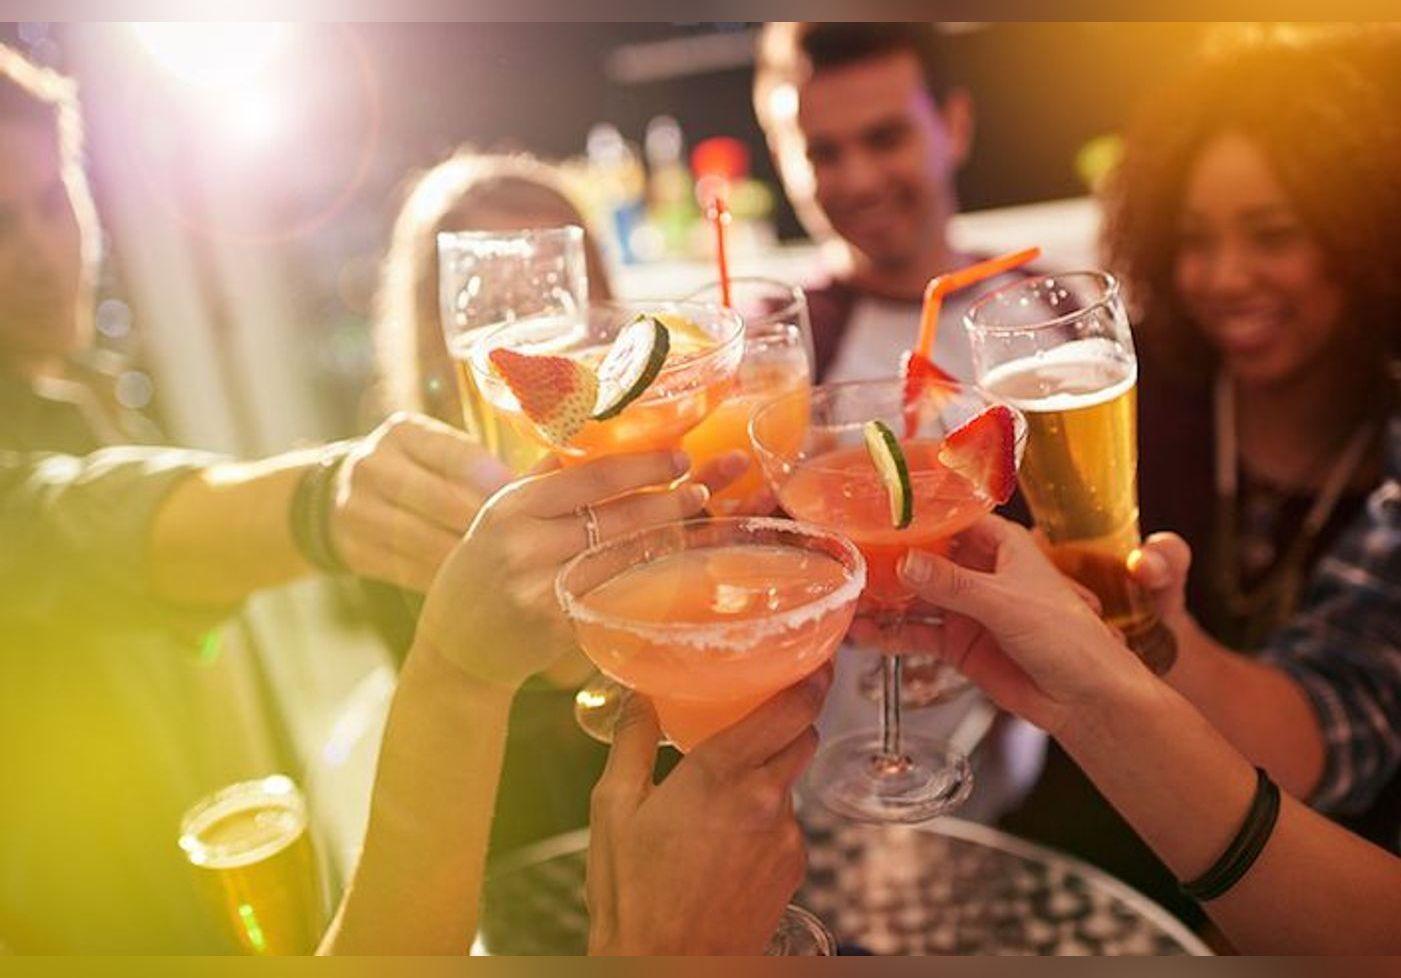 Un Français ne boit que 80 litres d'alcool par an contre 200 litres il y a cinquante ans !